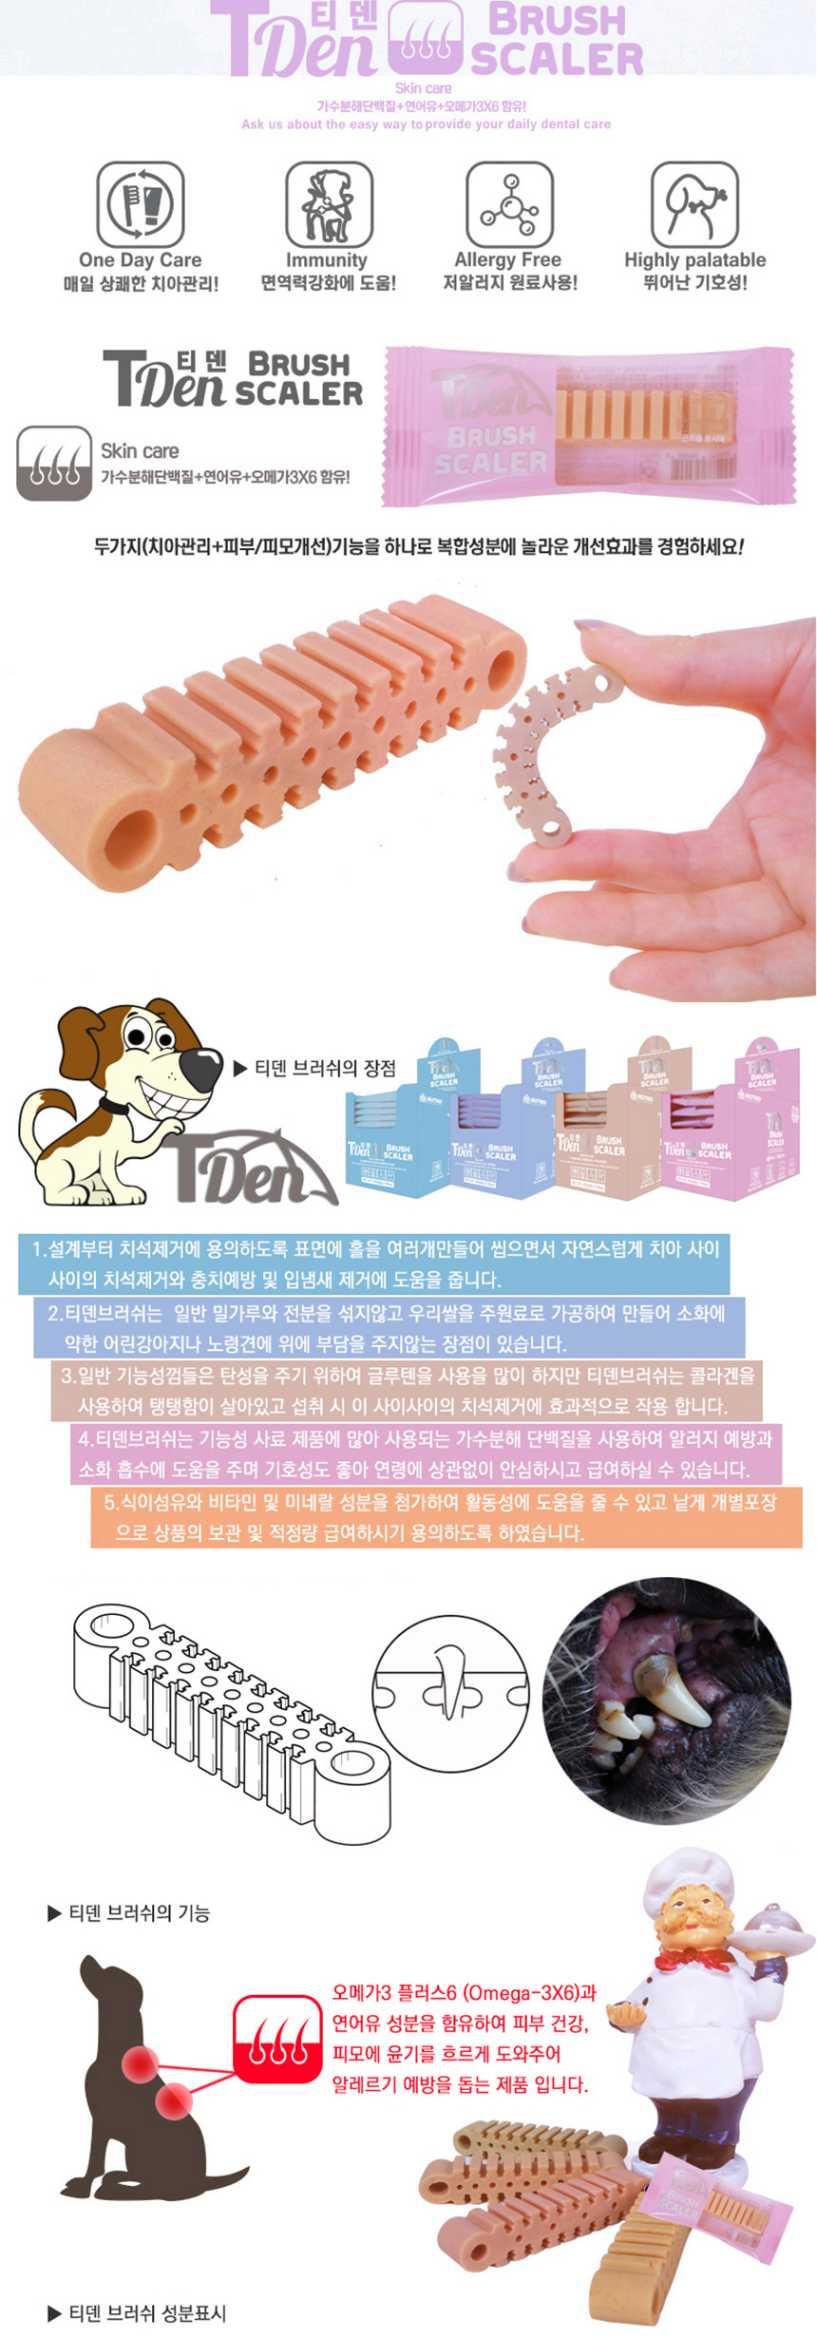 뉴트리오 티덴 브러쉬 8g(피부)480원-바니펫펫샵, 강아지용품, 간식/영양제, 껌바보사랑뉴트리오 티덴 브러쉬 8g(피부)480원-바니펫펫샵, 강아지용품, 간식/영양제, 껌바보사랑